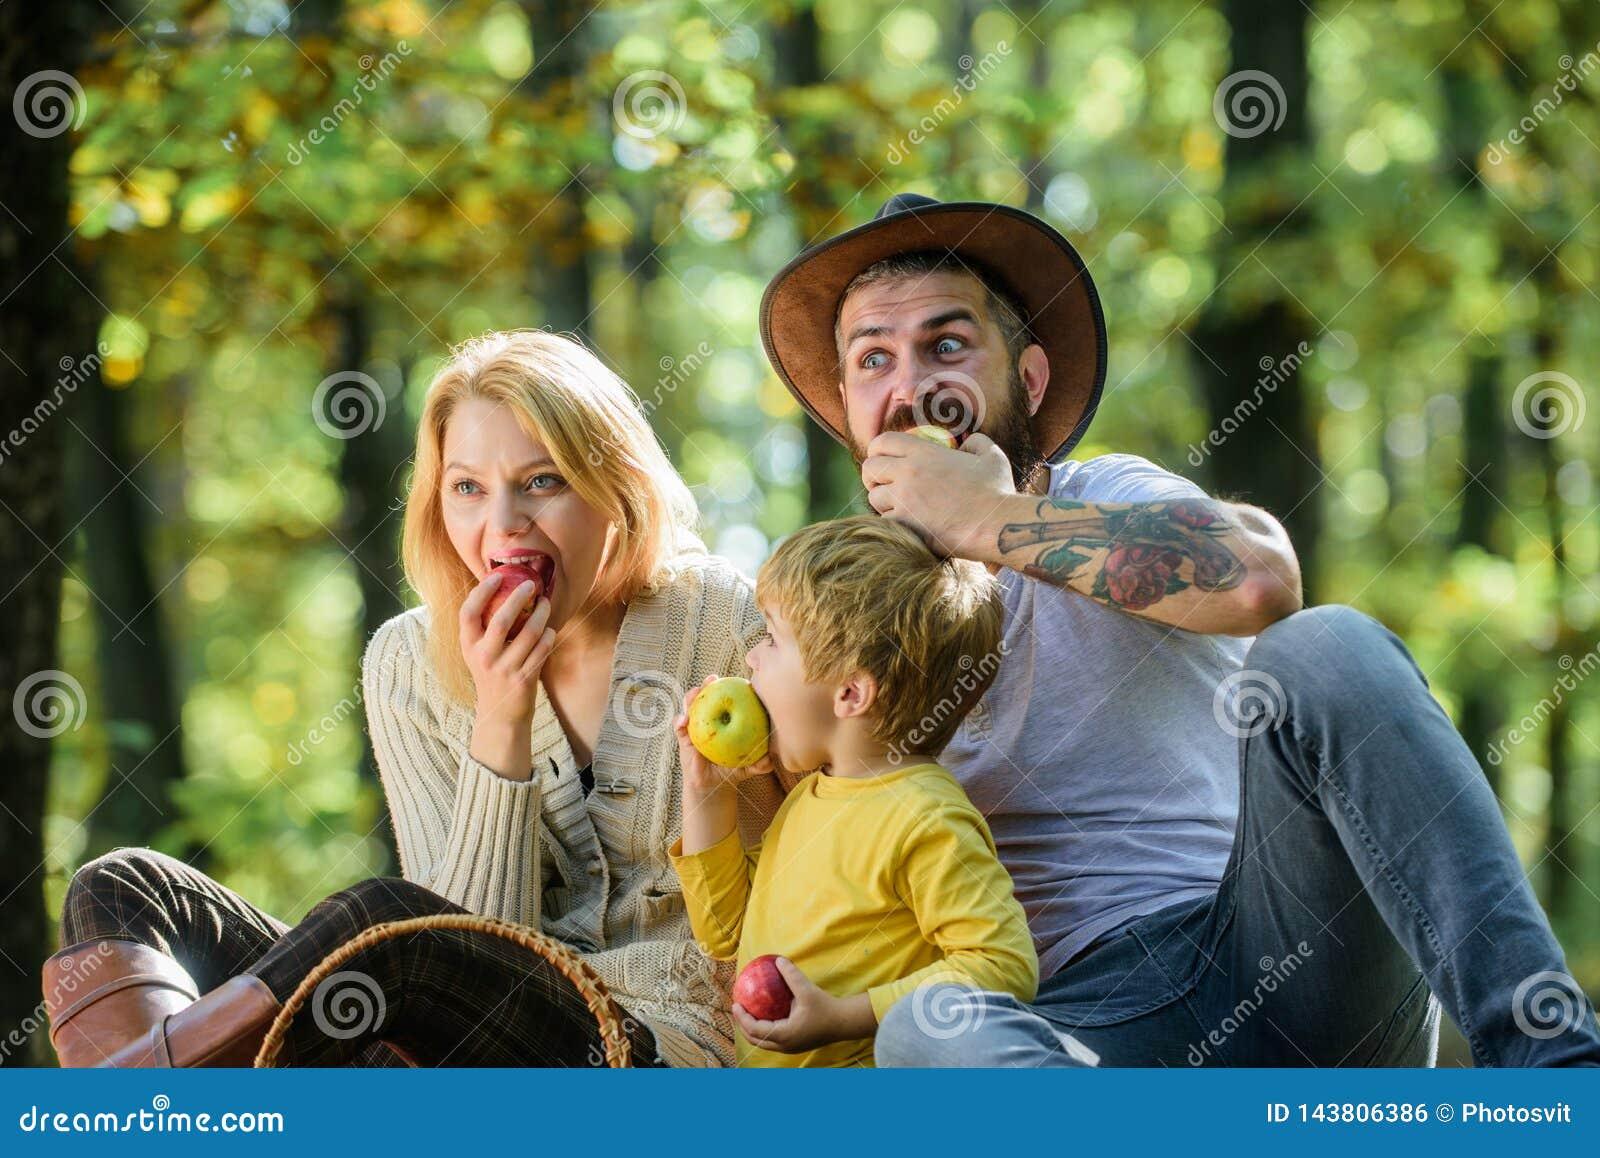 Zdrowy śniadaniowy wiosna nastrój Szczęśliwy rodzinny dzień Matka, kowbojska ojciec miłość ich chłopiec dziecko Rodzinny pinkin